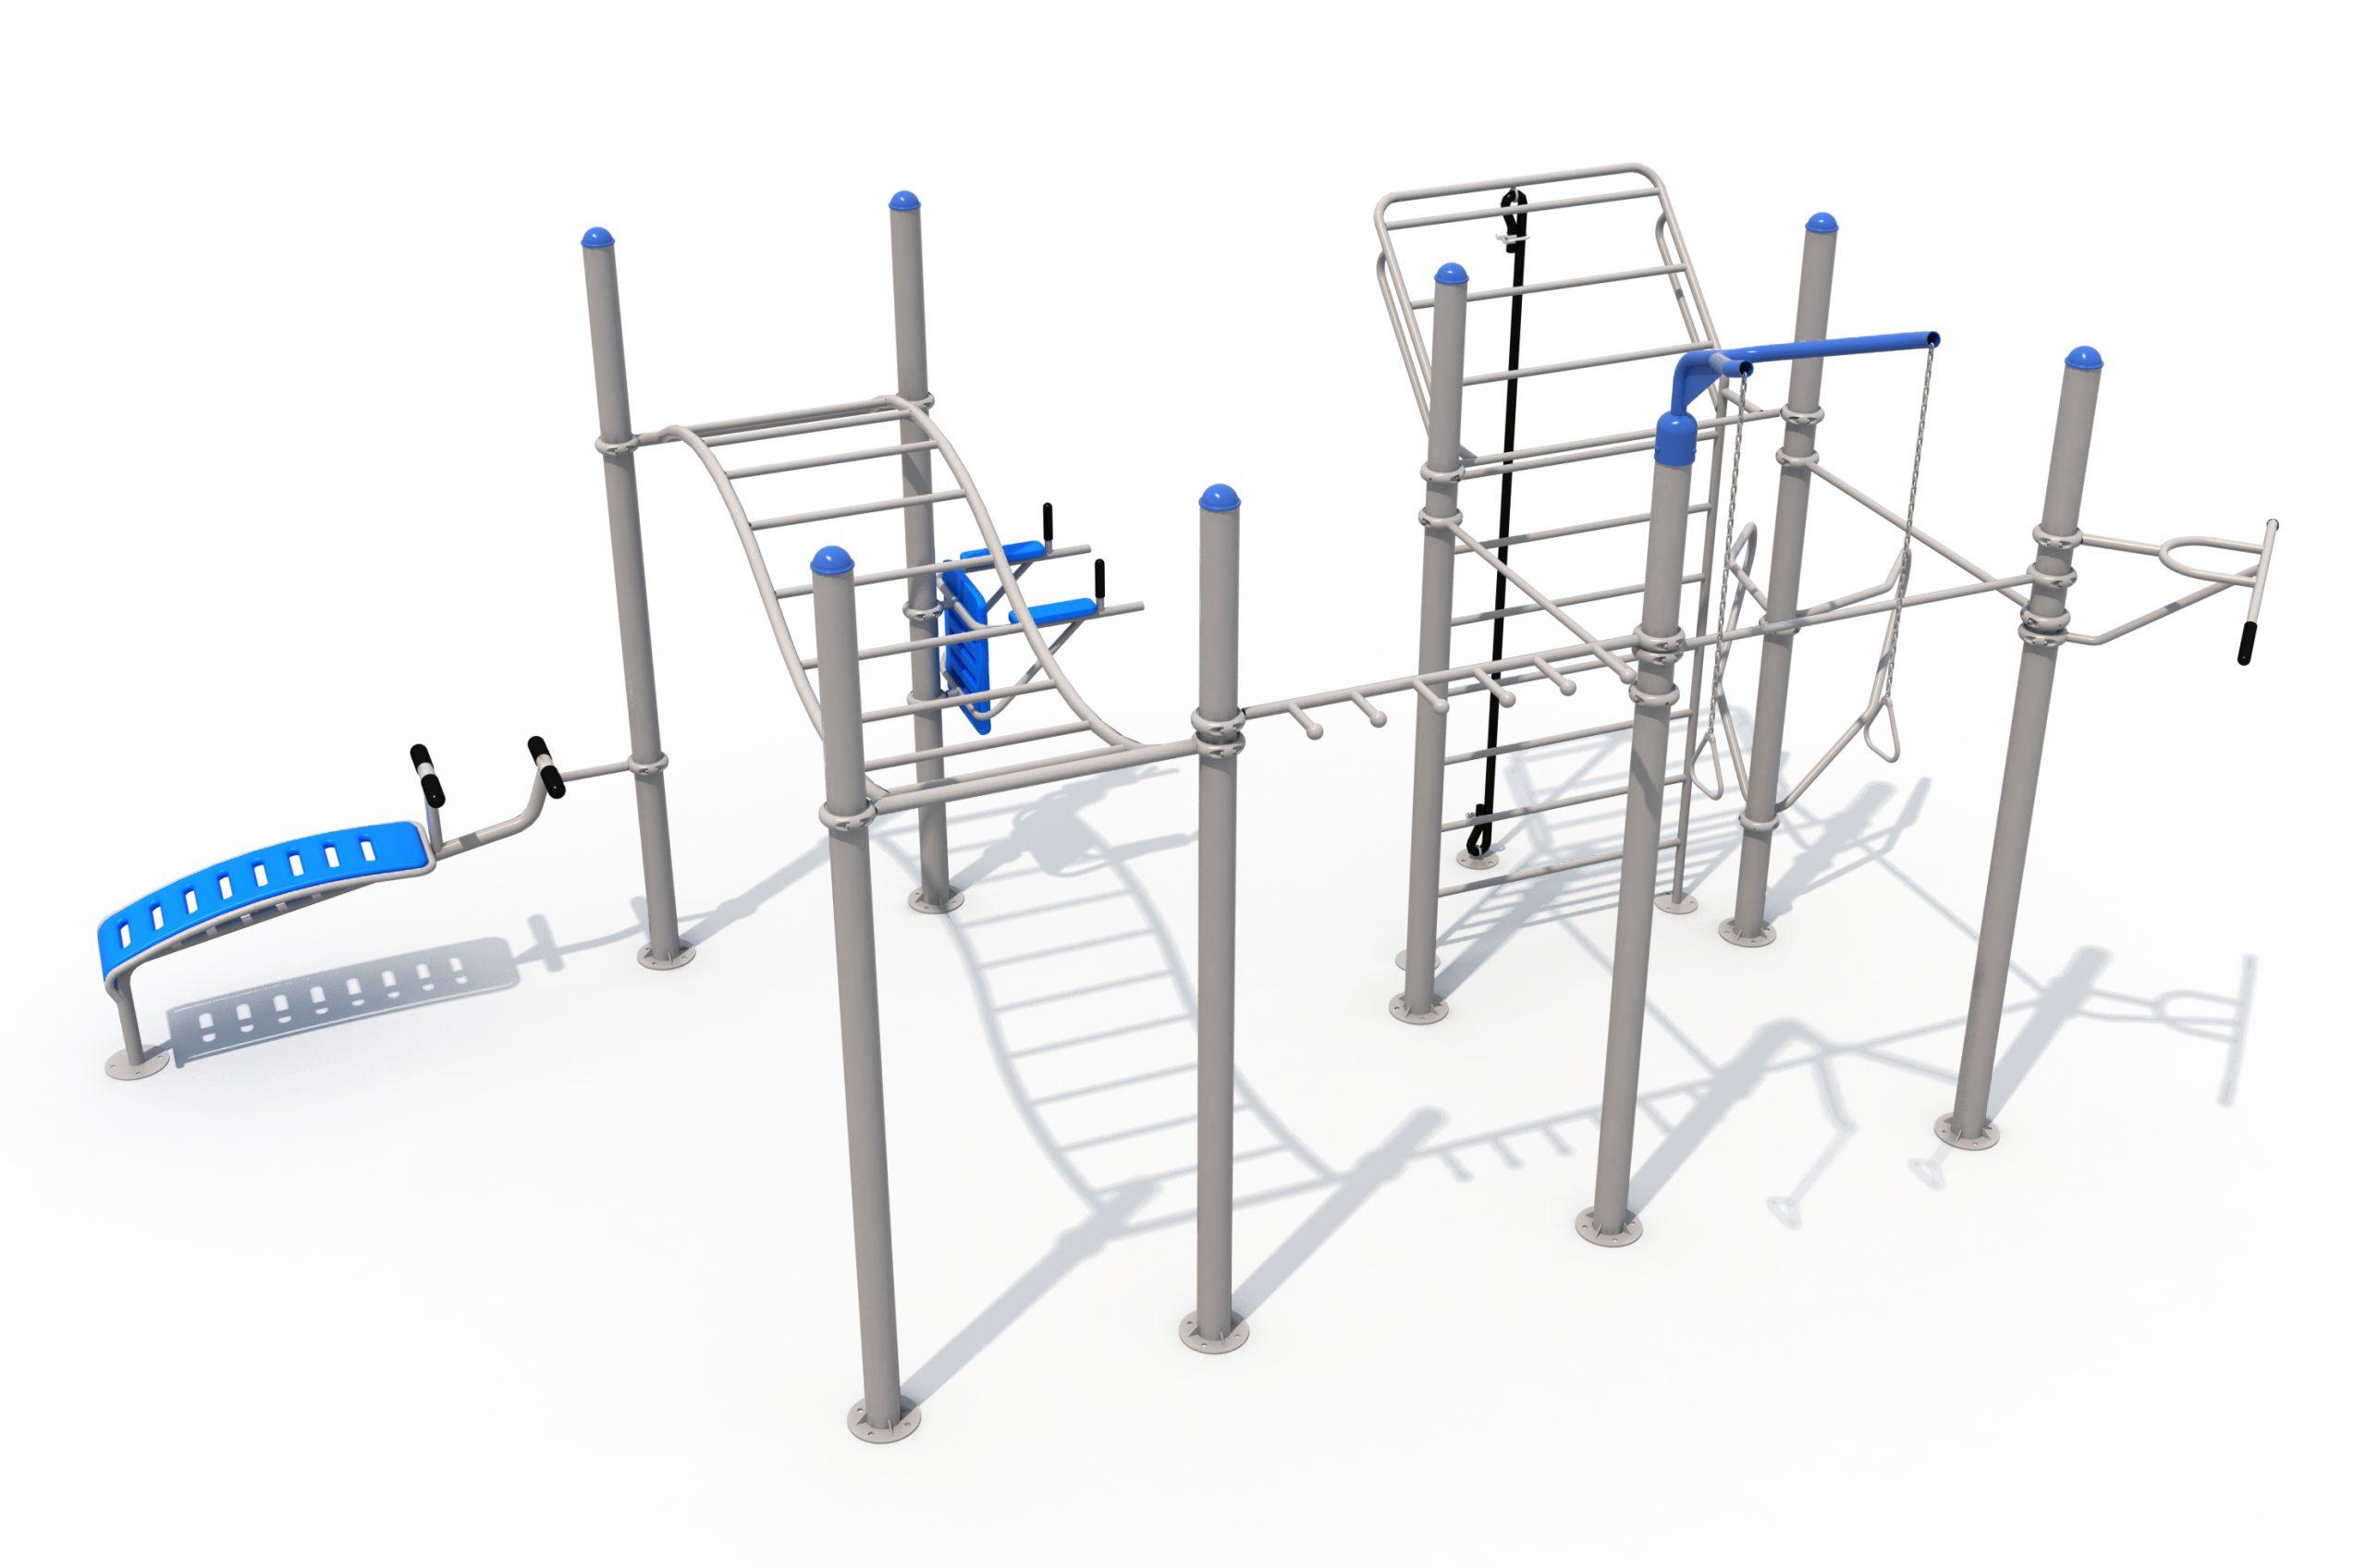 מתקן פונקציונאלי סוג 5 - מבט צידי